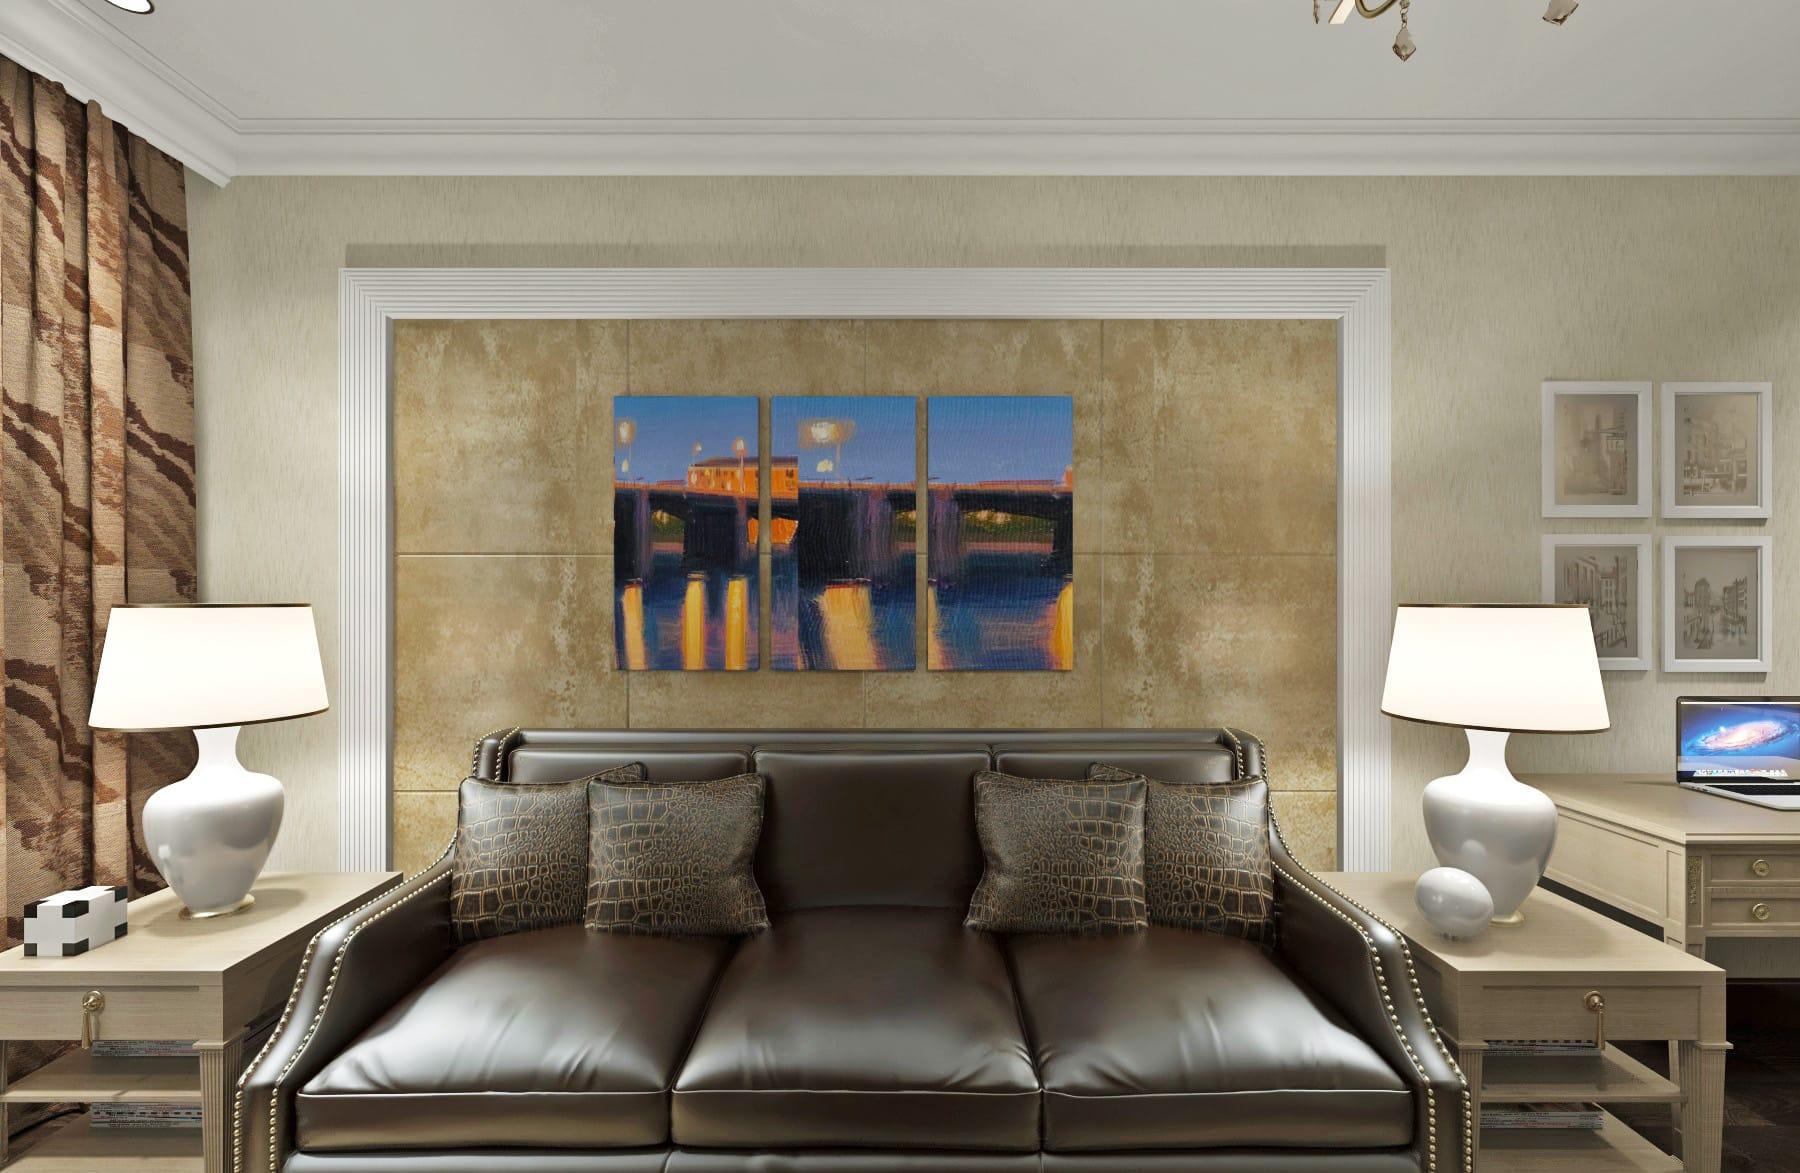 картина триптих, классический интерьера декоративная штукатурка за кожаным диваном, кожаные подушки, дизайн квартиры в гомеле